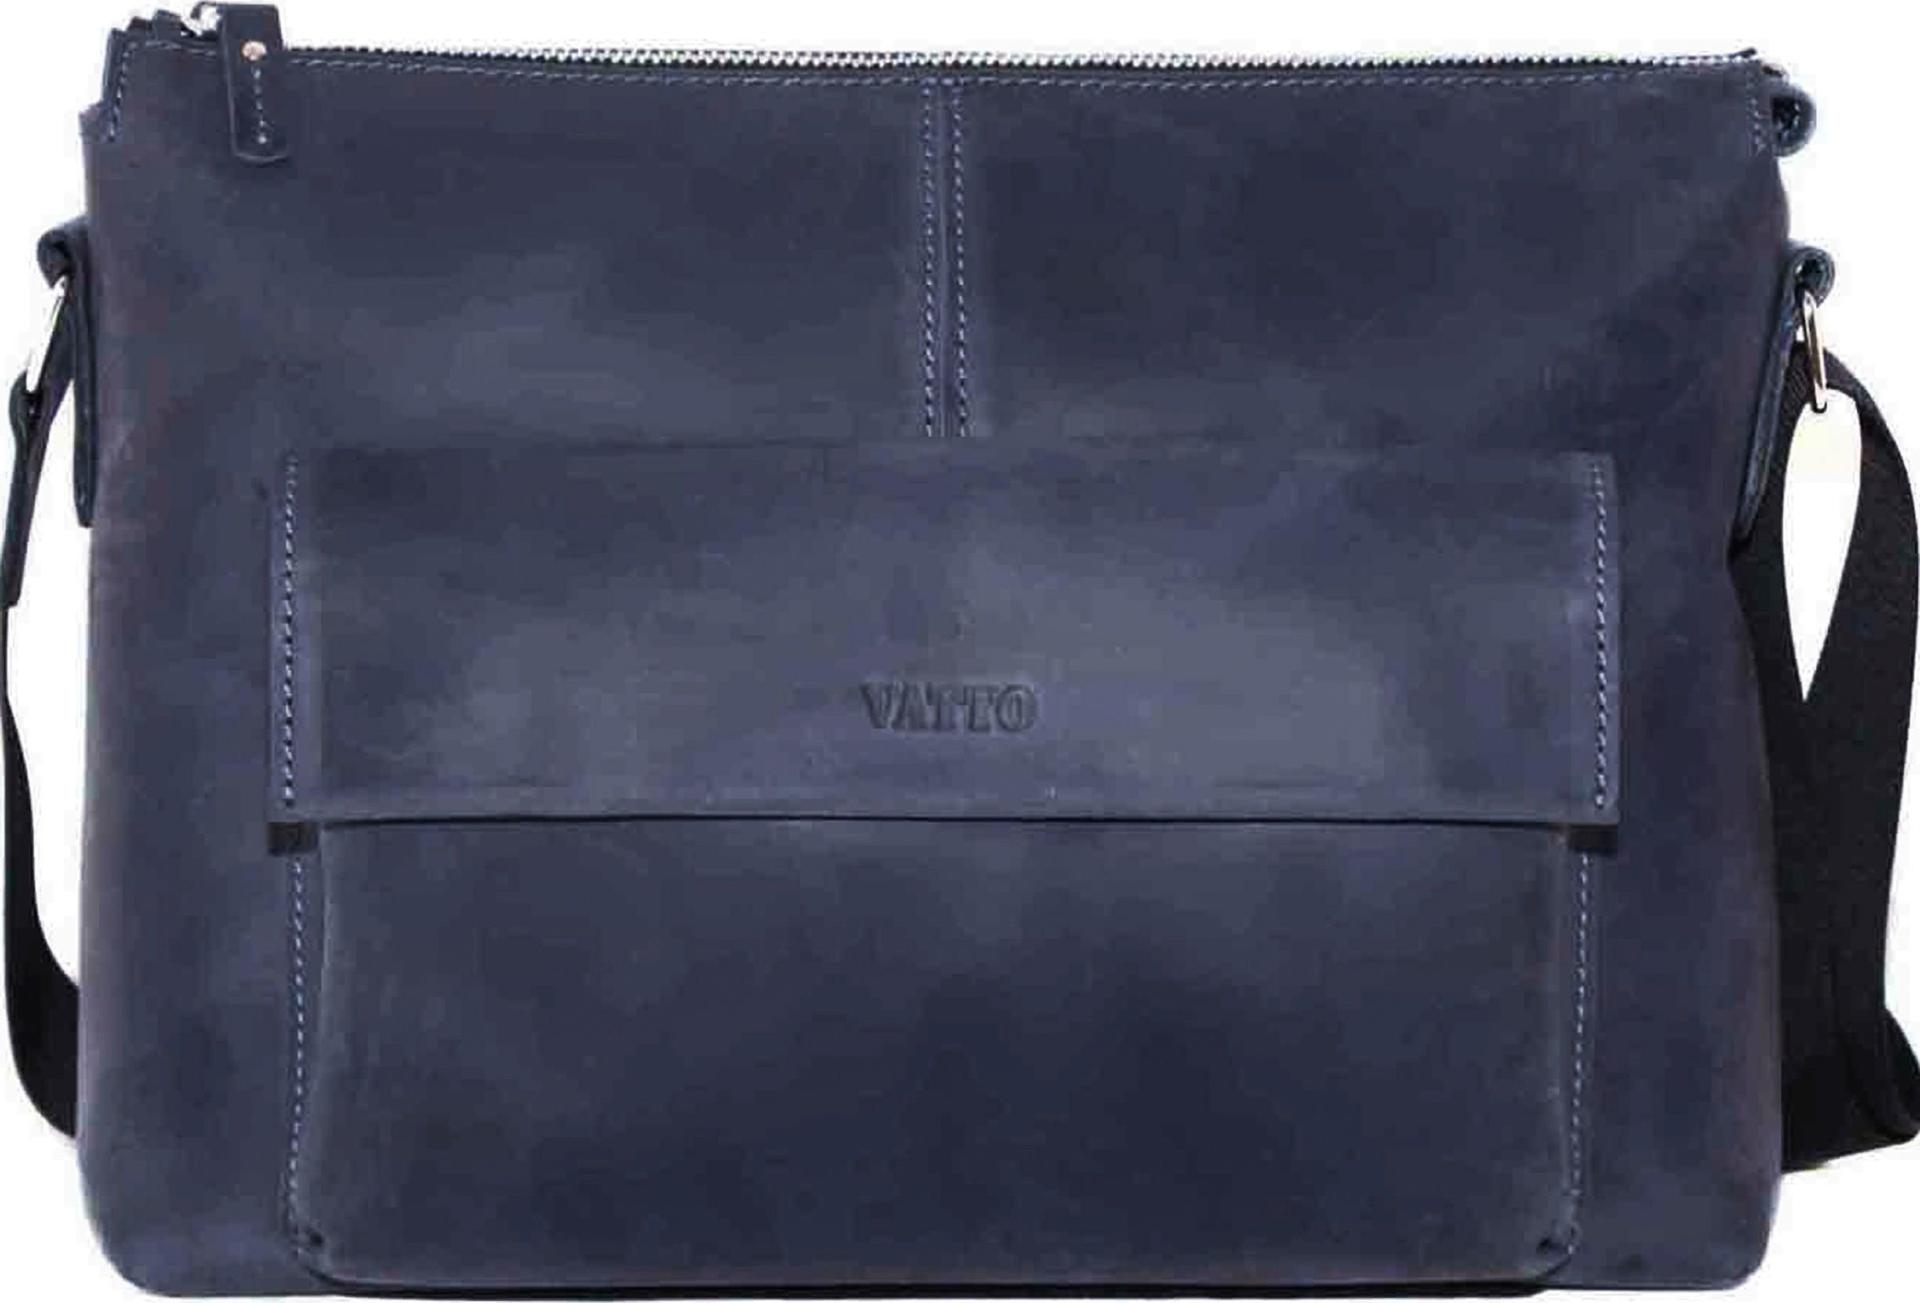 c331924d2acb Мужская сумка синего цвета VATTO (11949) купить в Киеве, цена | MODNOTAK